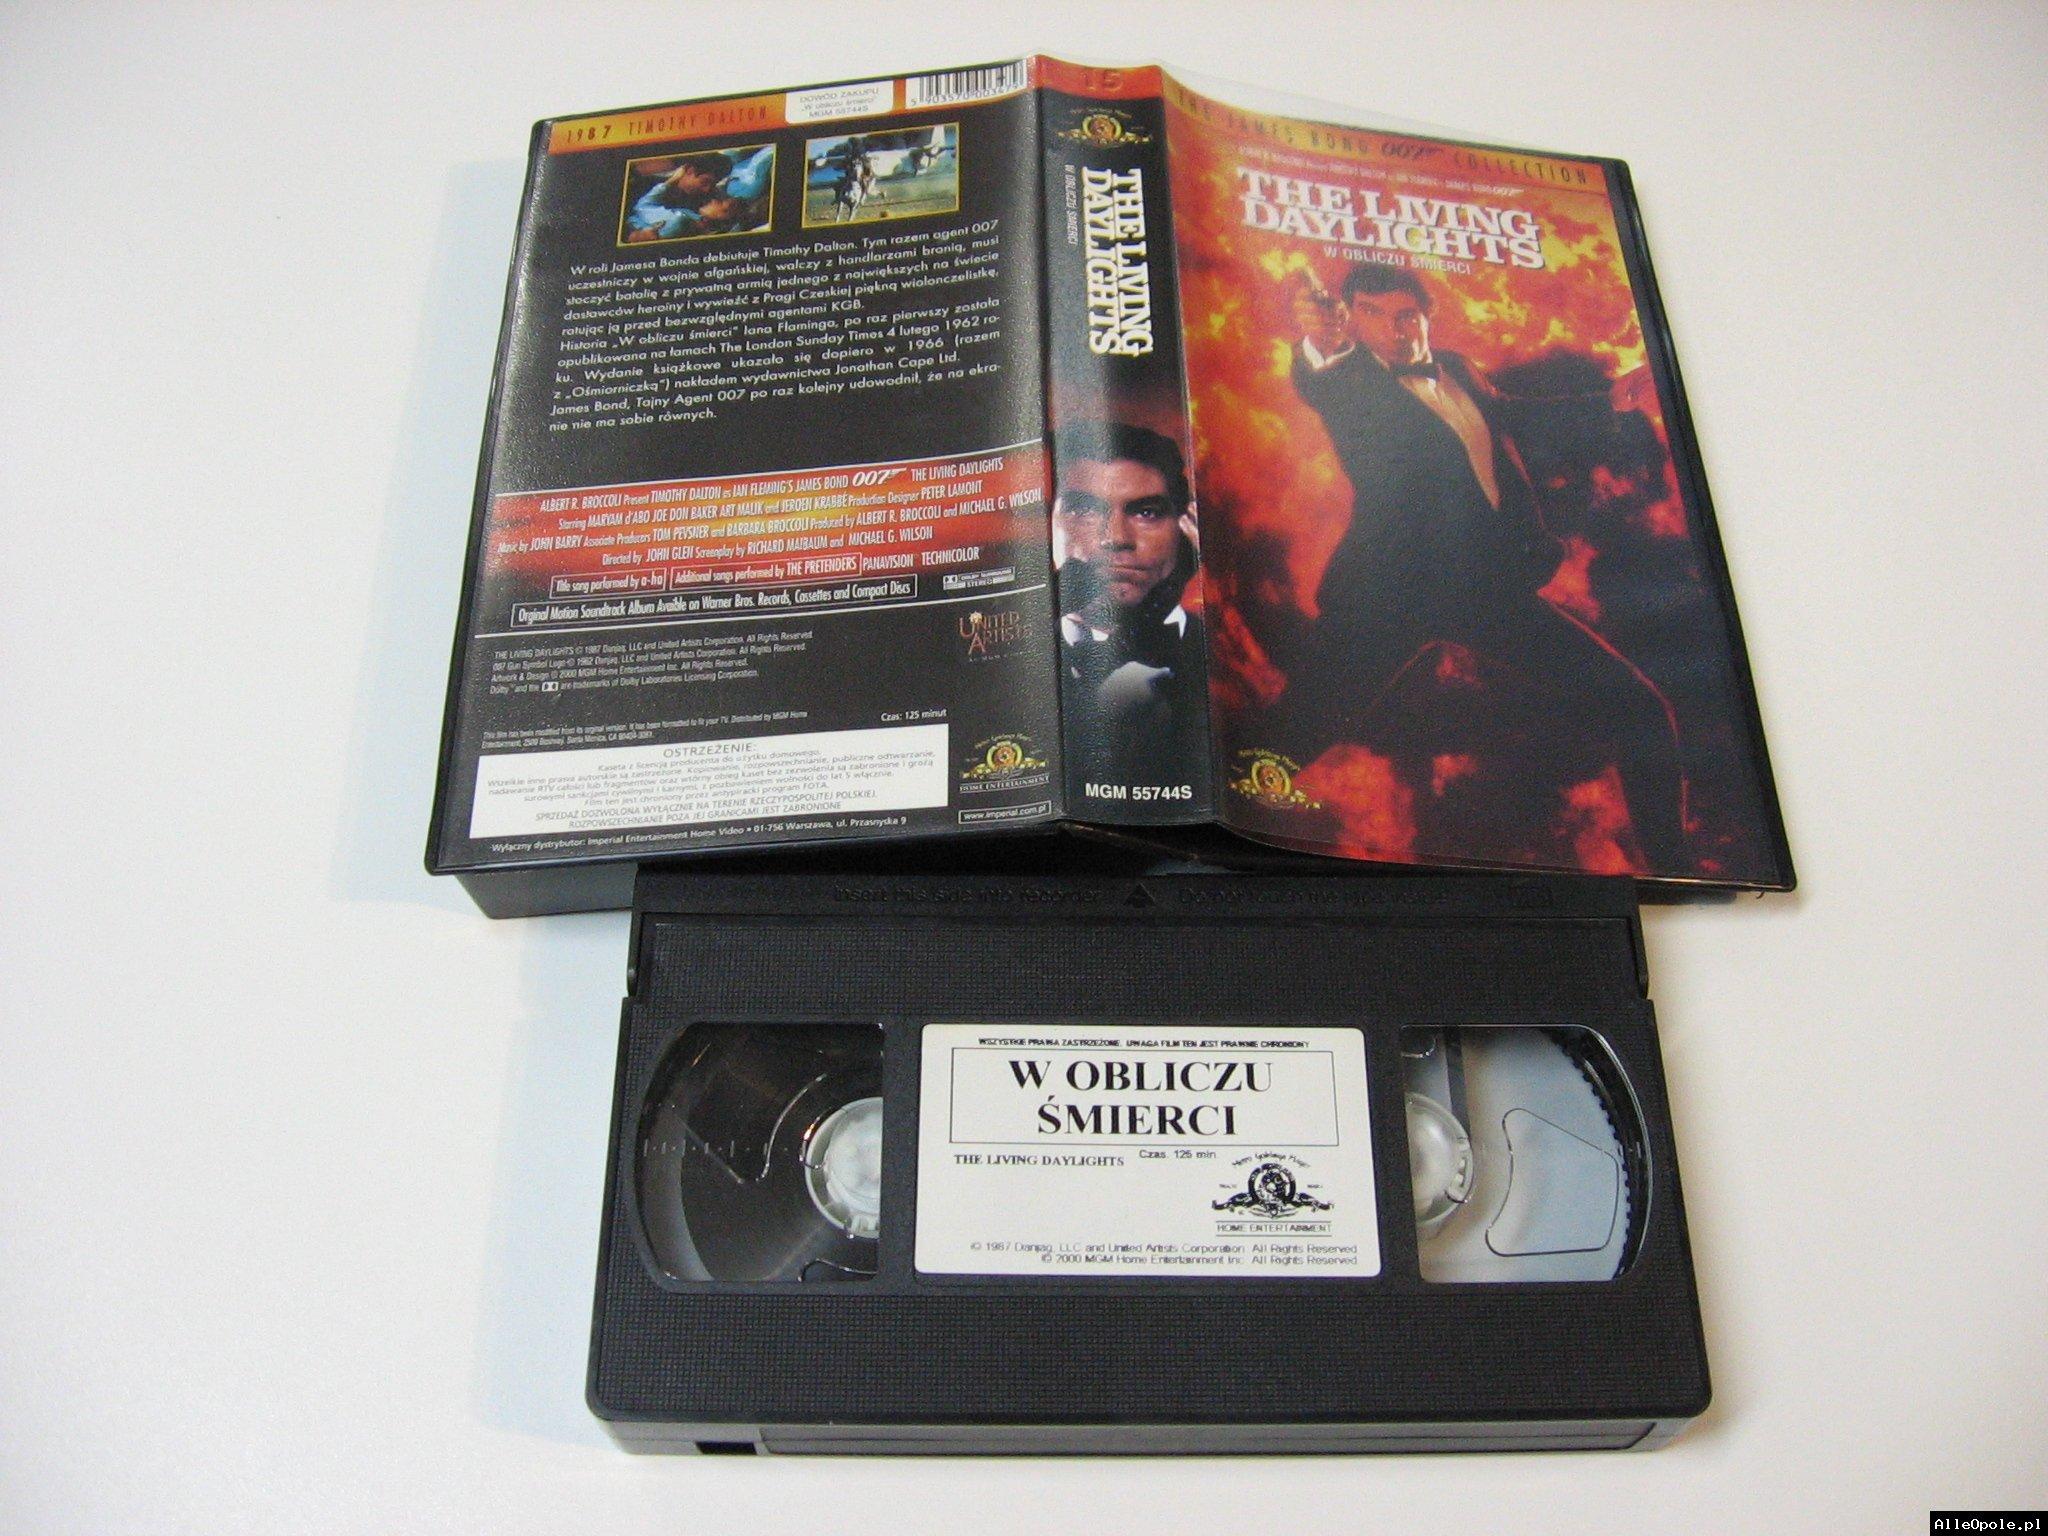 007 W OBLICZU ŚMIERCI - VHS Kaseta Video - Opole 1727